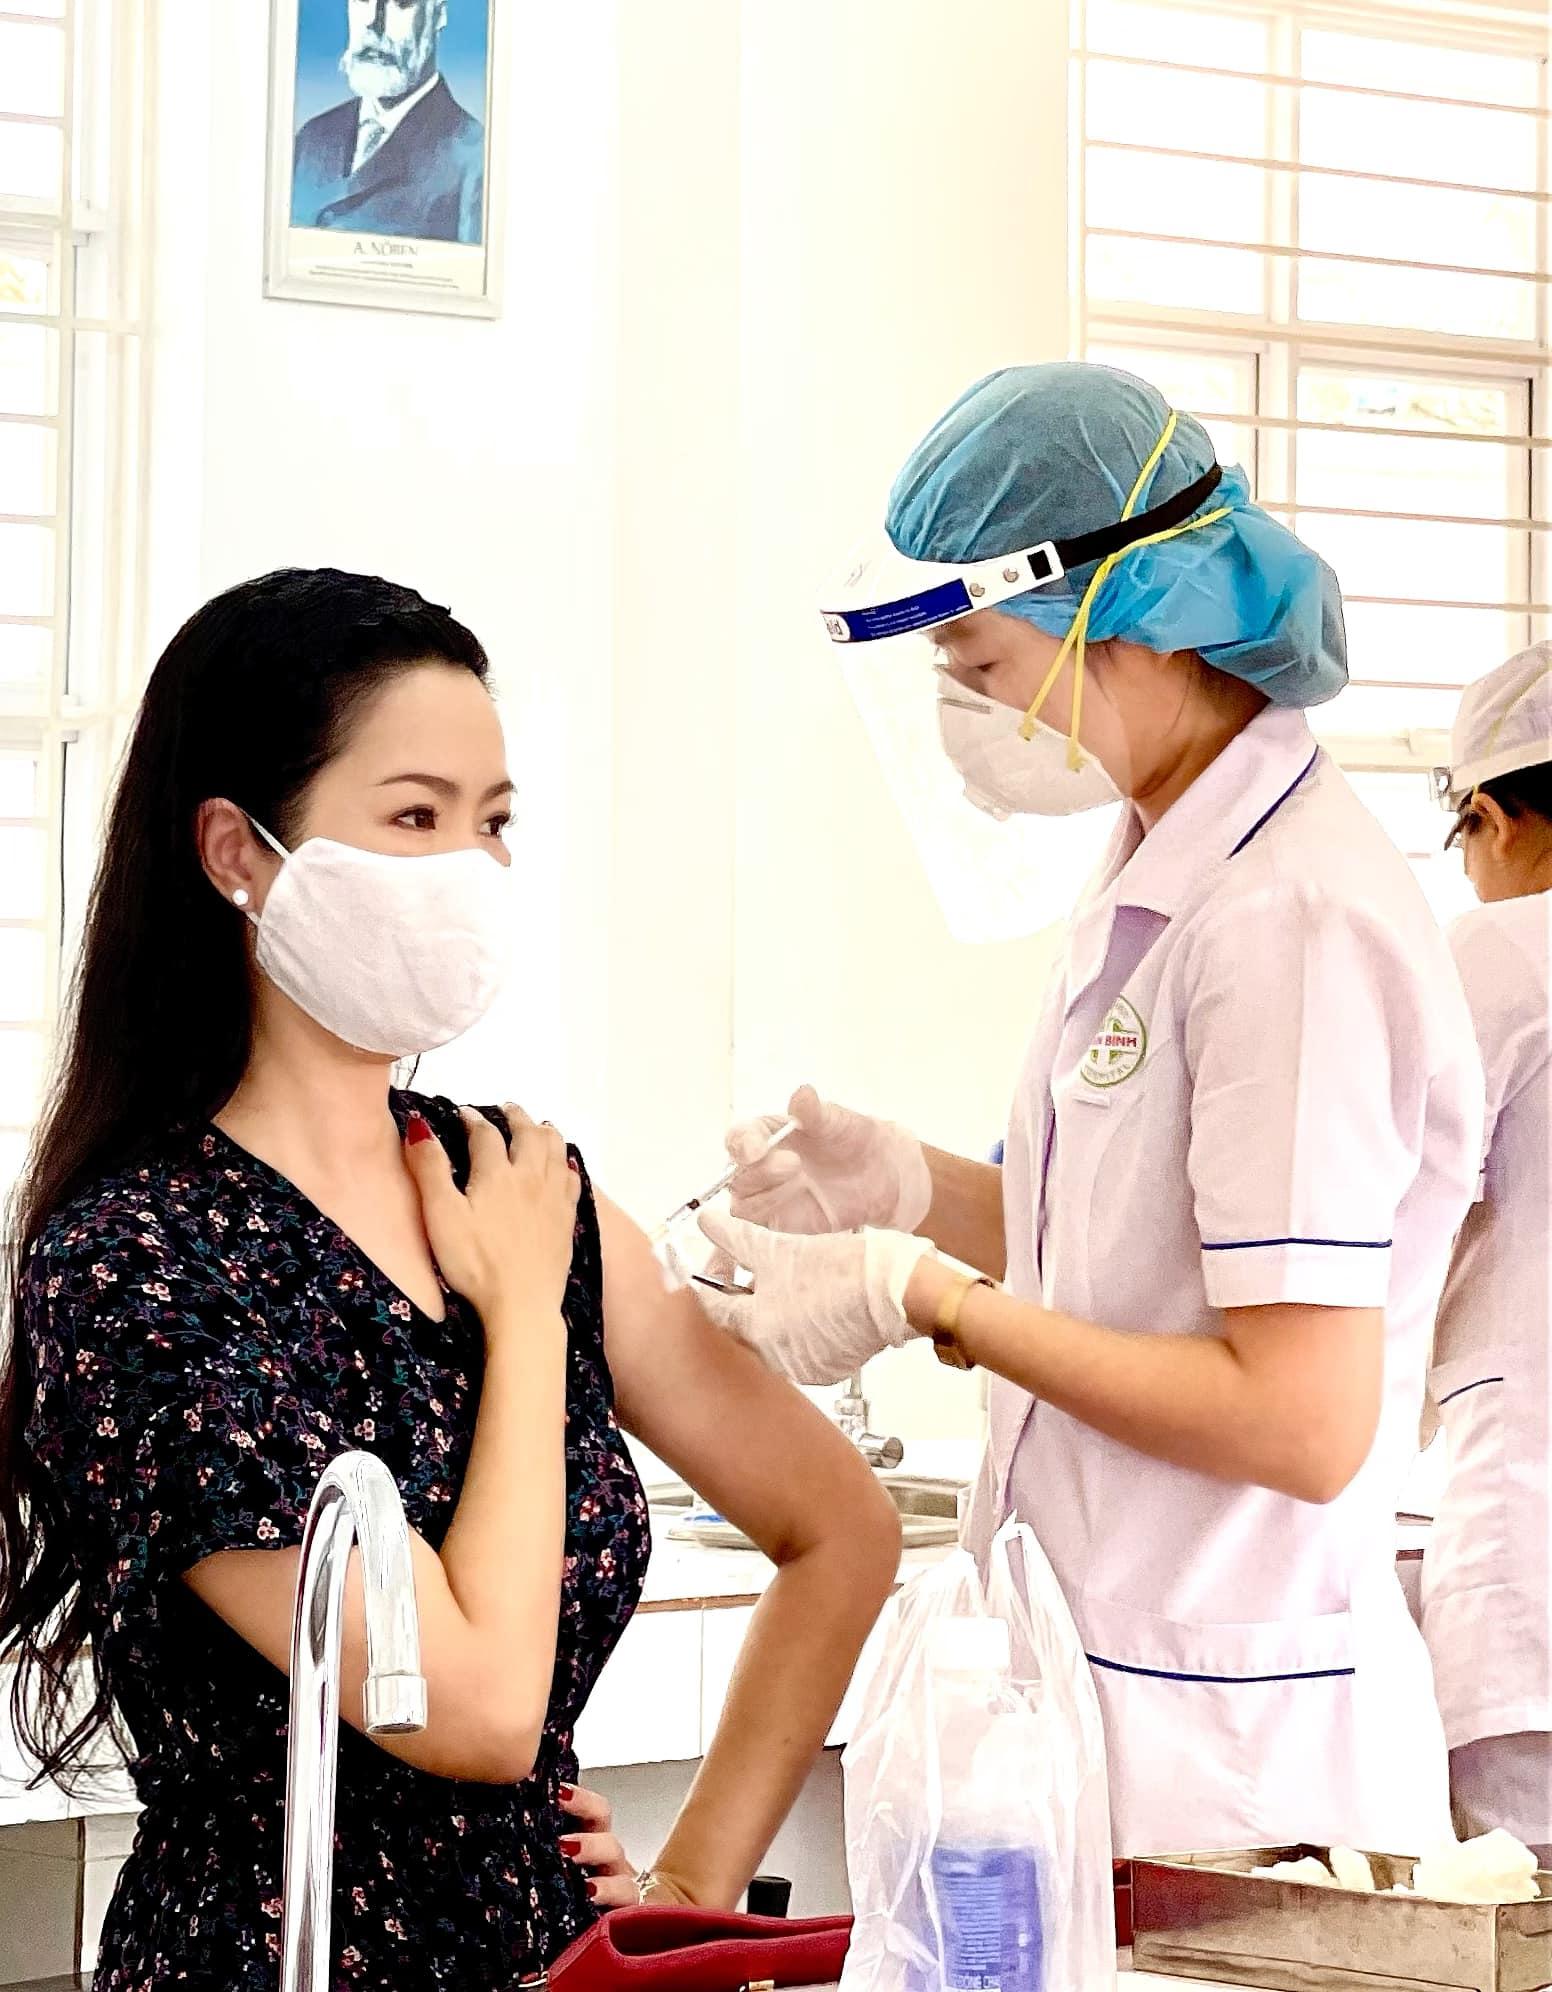 NSƯT Trịnh Kim Chi trong bộ váy tối màu, với phần cánh tay xòe rộng giúp nhân viên y tế dễ dàng tiếp cận vị trí thích hợp để tiêm vắc xin. Nữ nghệ sĩ tâm sự khoảng 6 tiếng sau khi tiêm, cơ thể bắt đầu có cảm giác mỏi cơ, đau đầu, sốt nhẹ giống triệu chứng bị cảm cúm thông thường, không có phản ứng gì đáng ngại.